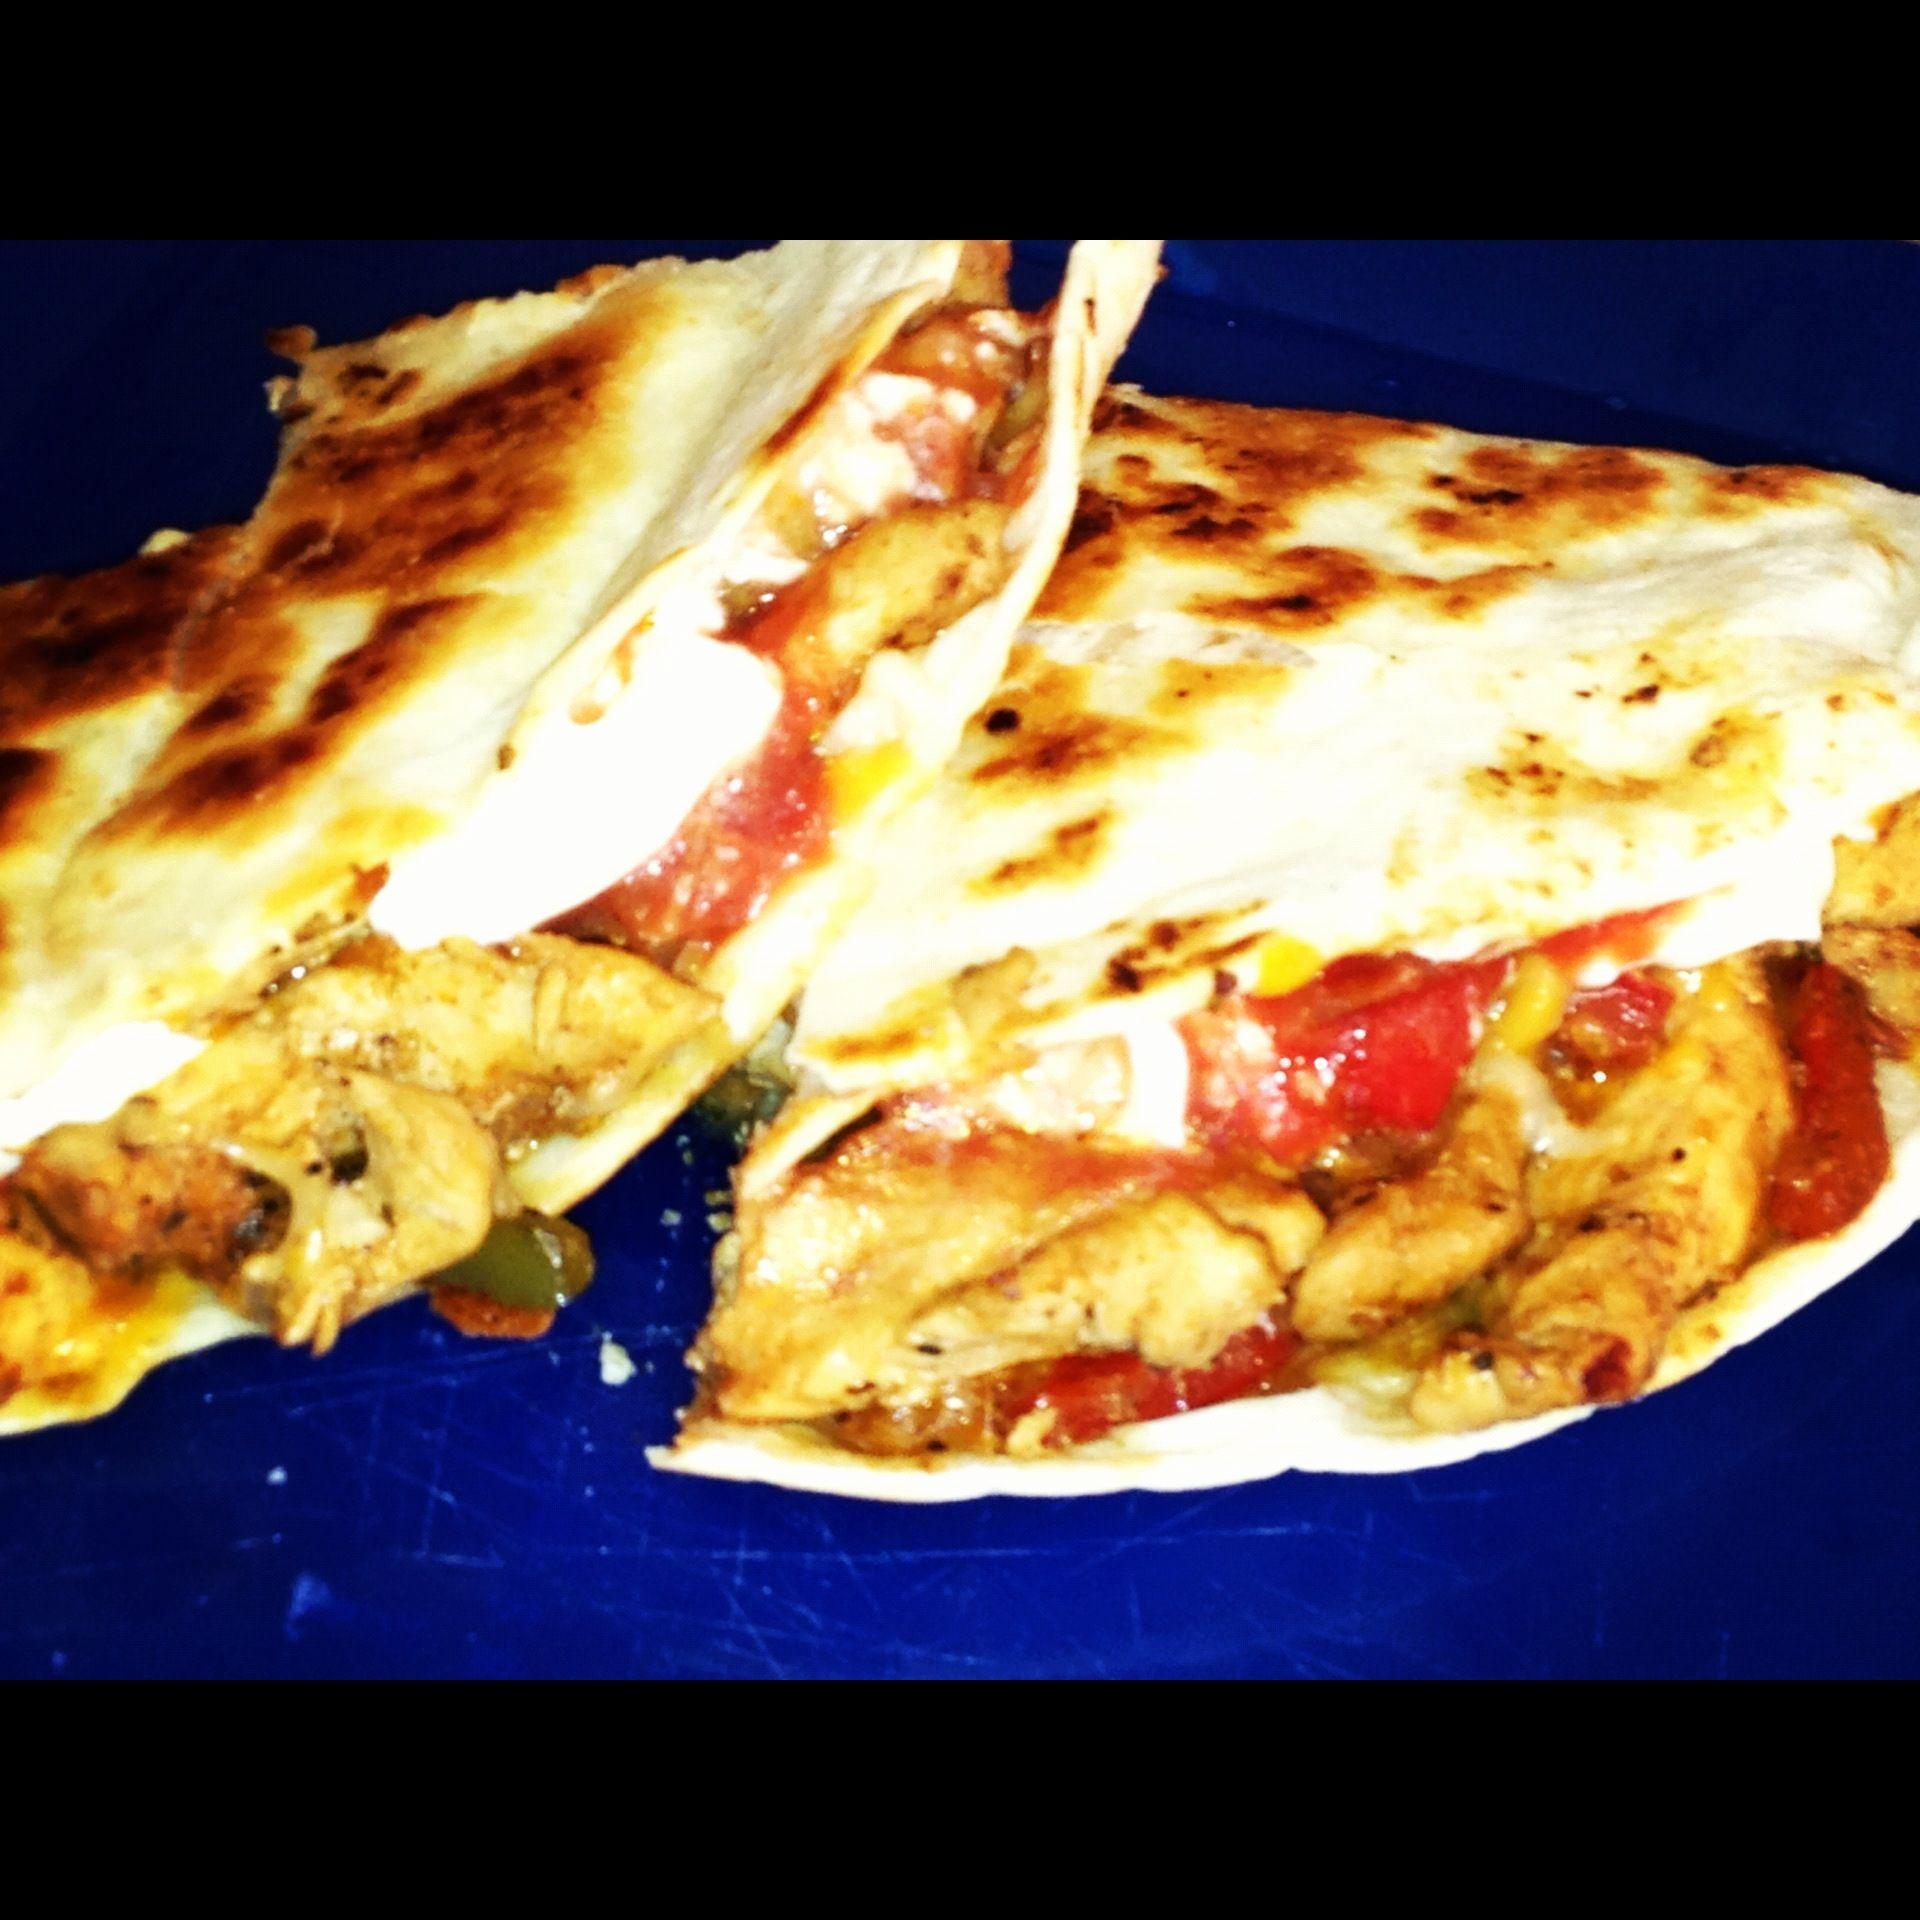 Chicken Fajita Quesadillas Recipes — Dishmaps